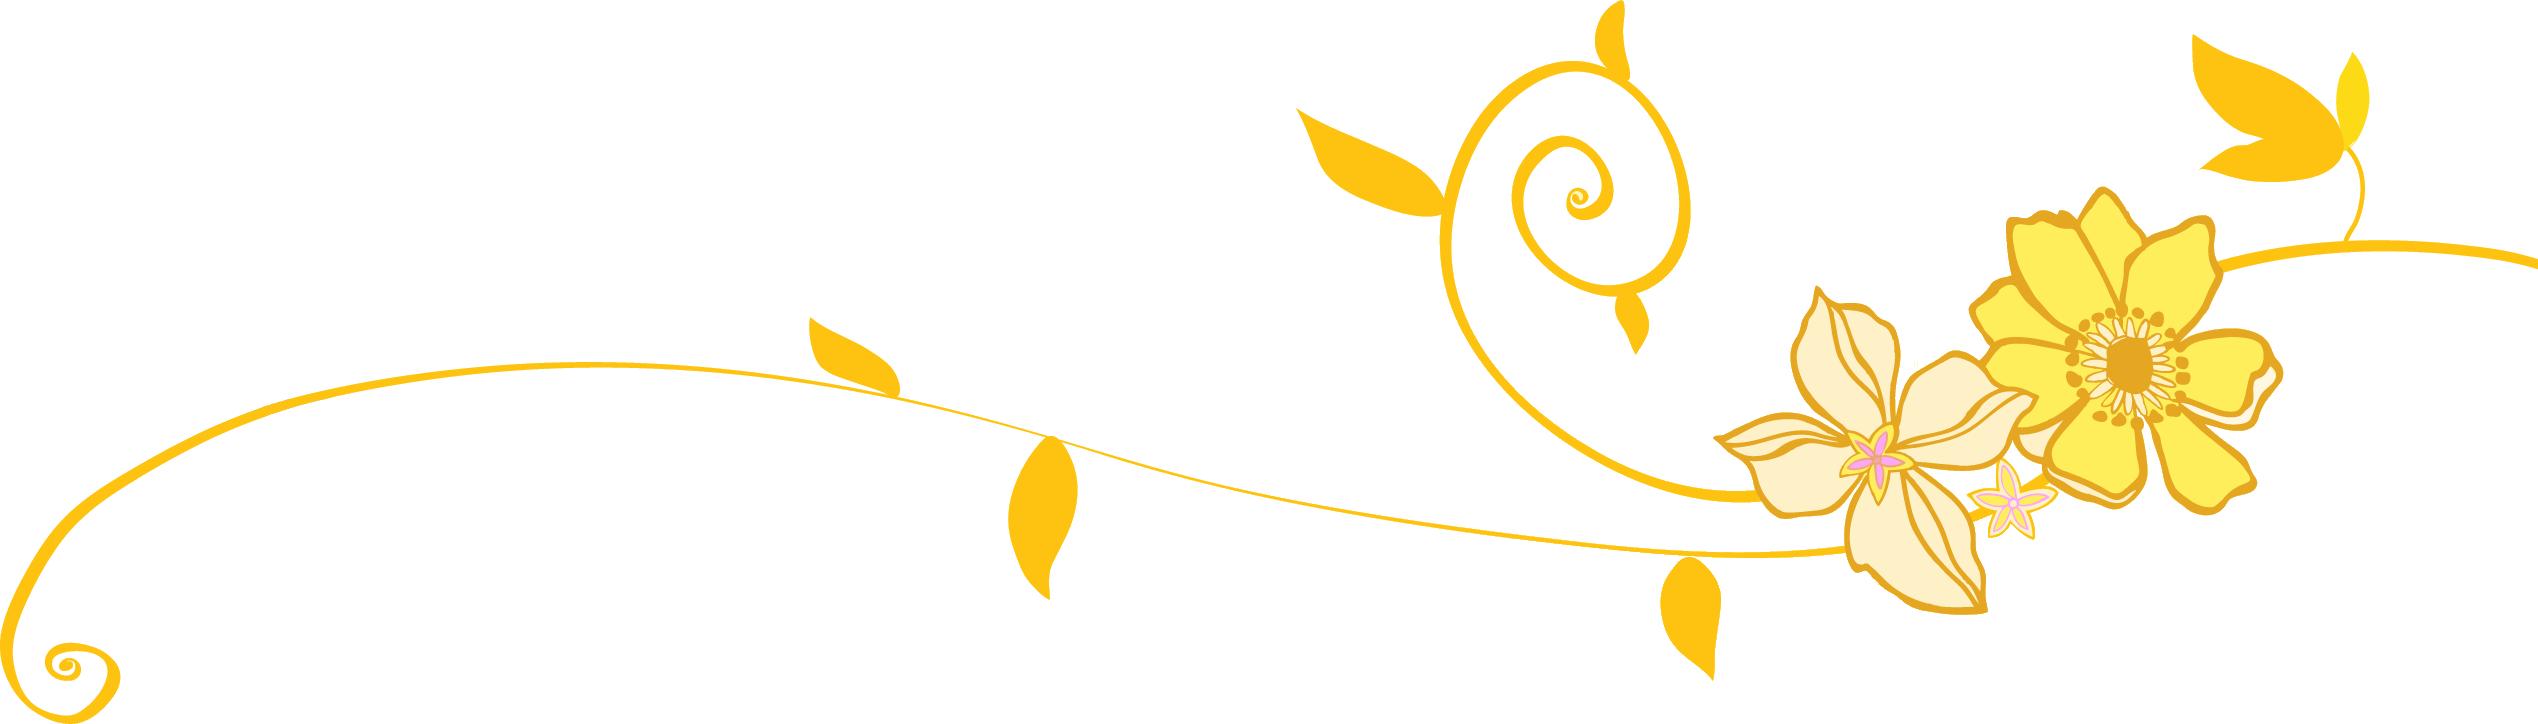 リンク:次の花ラインのイラスト画像 花のイラスト・フリー素材 『ライン線・ボーダー線』 花のイラ